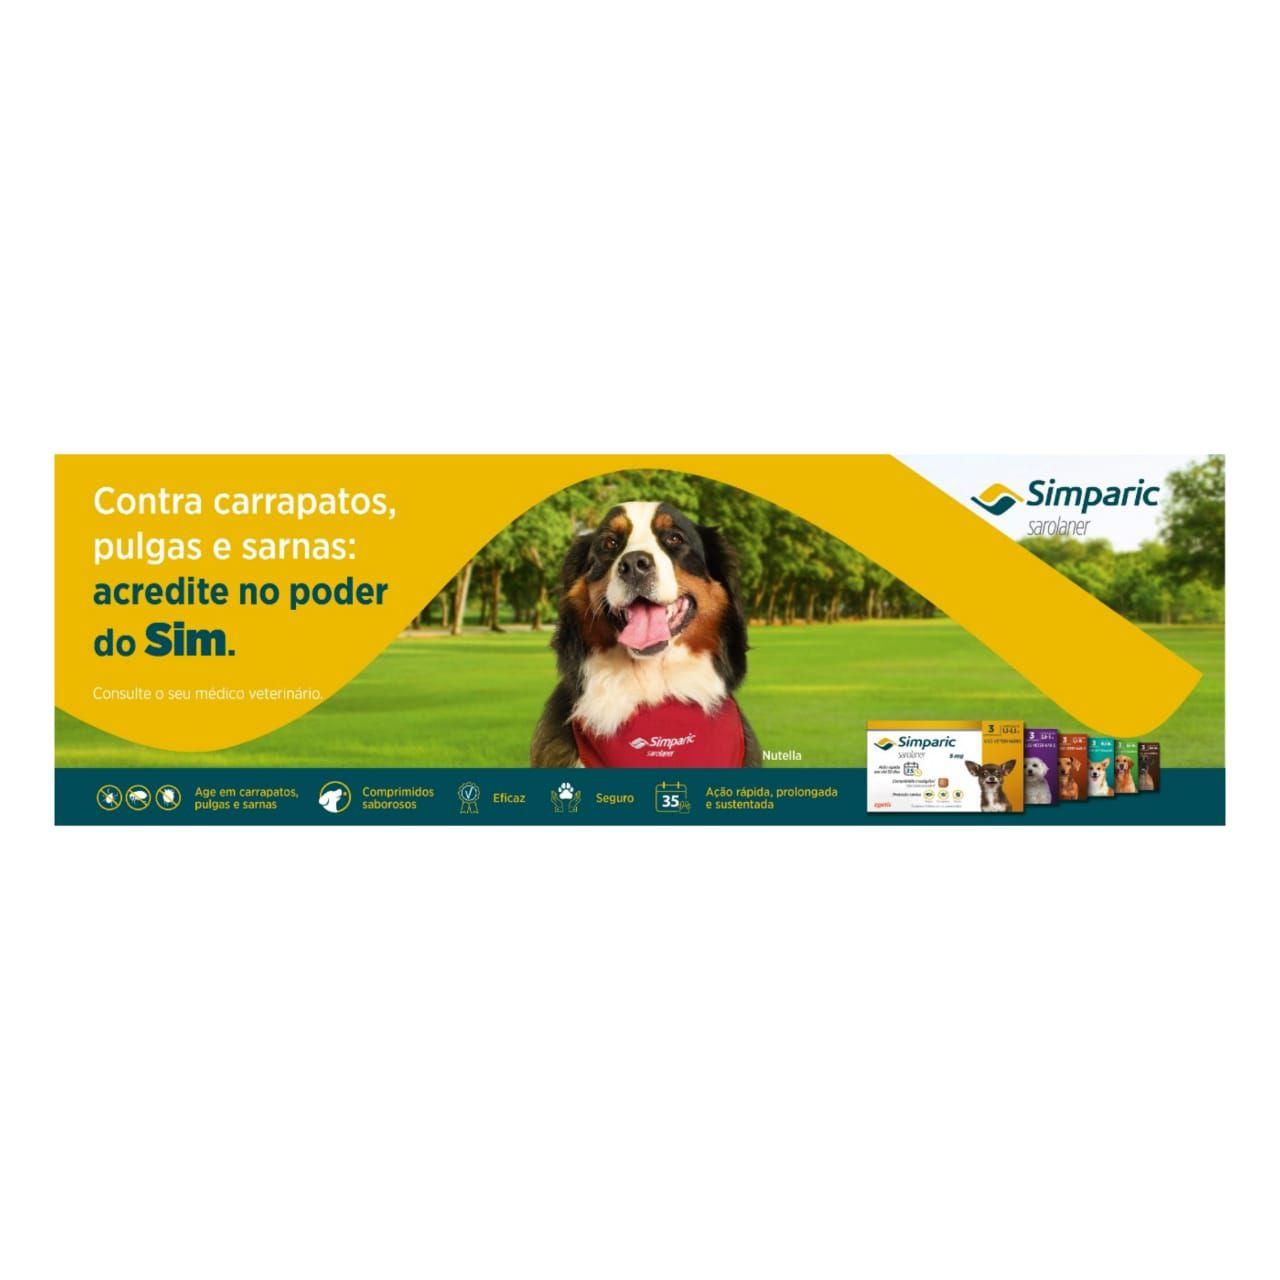 Antipulgas Zoetis Simparic  20mg para Cães 5 a 10 Kg - 1 Comprimido